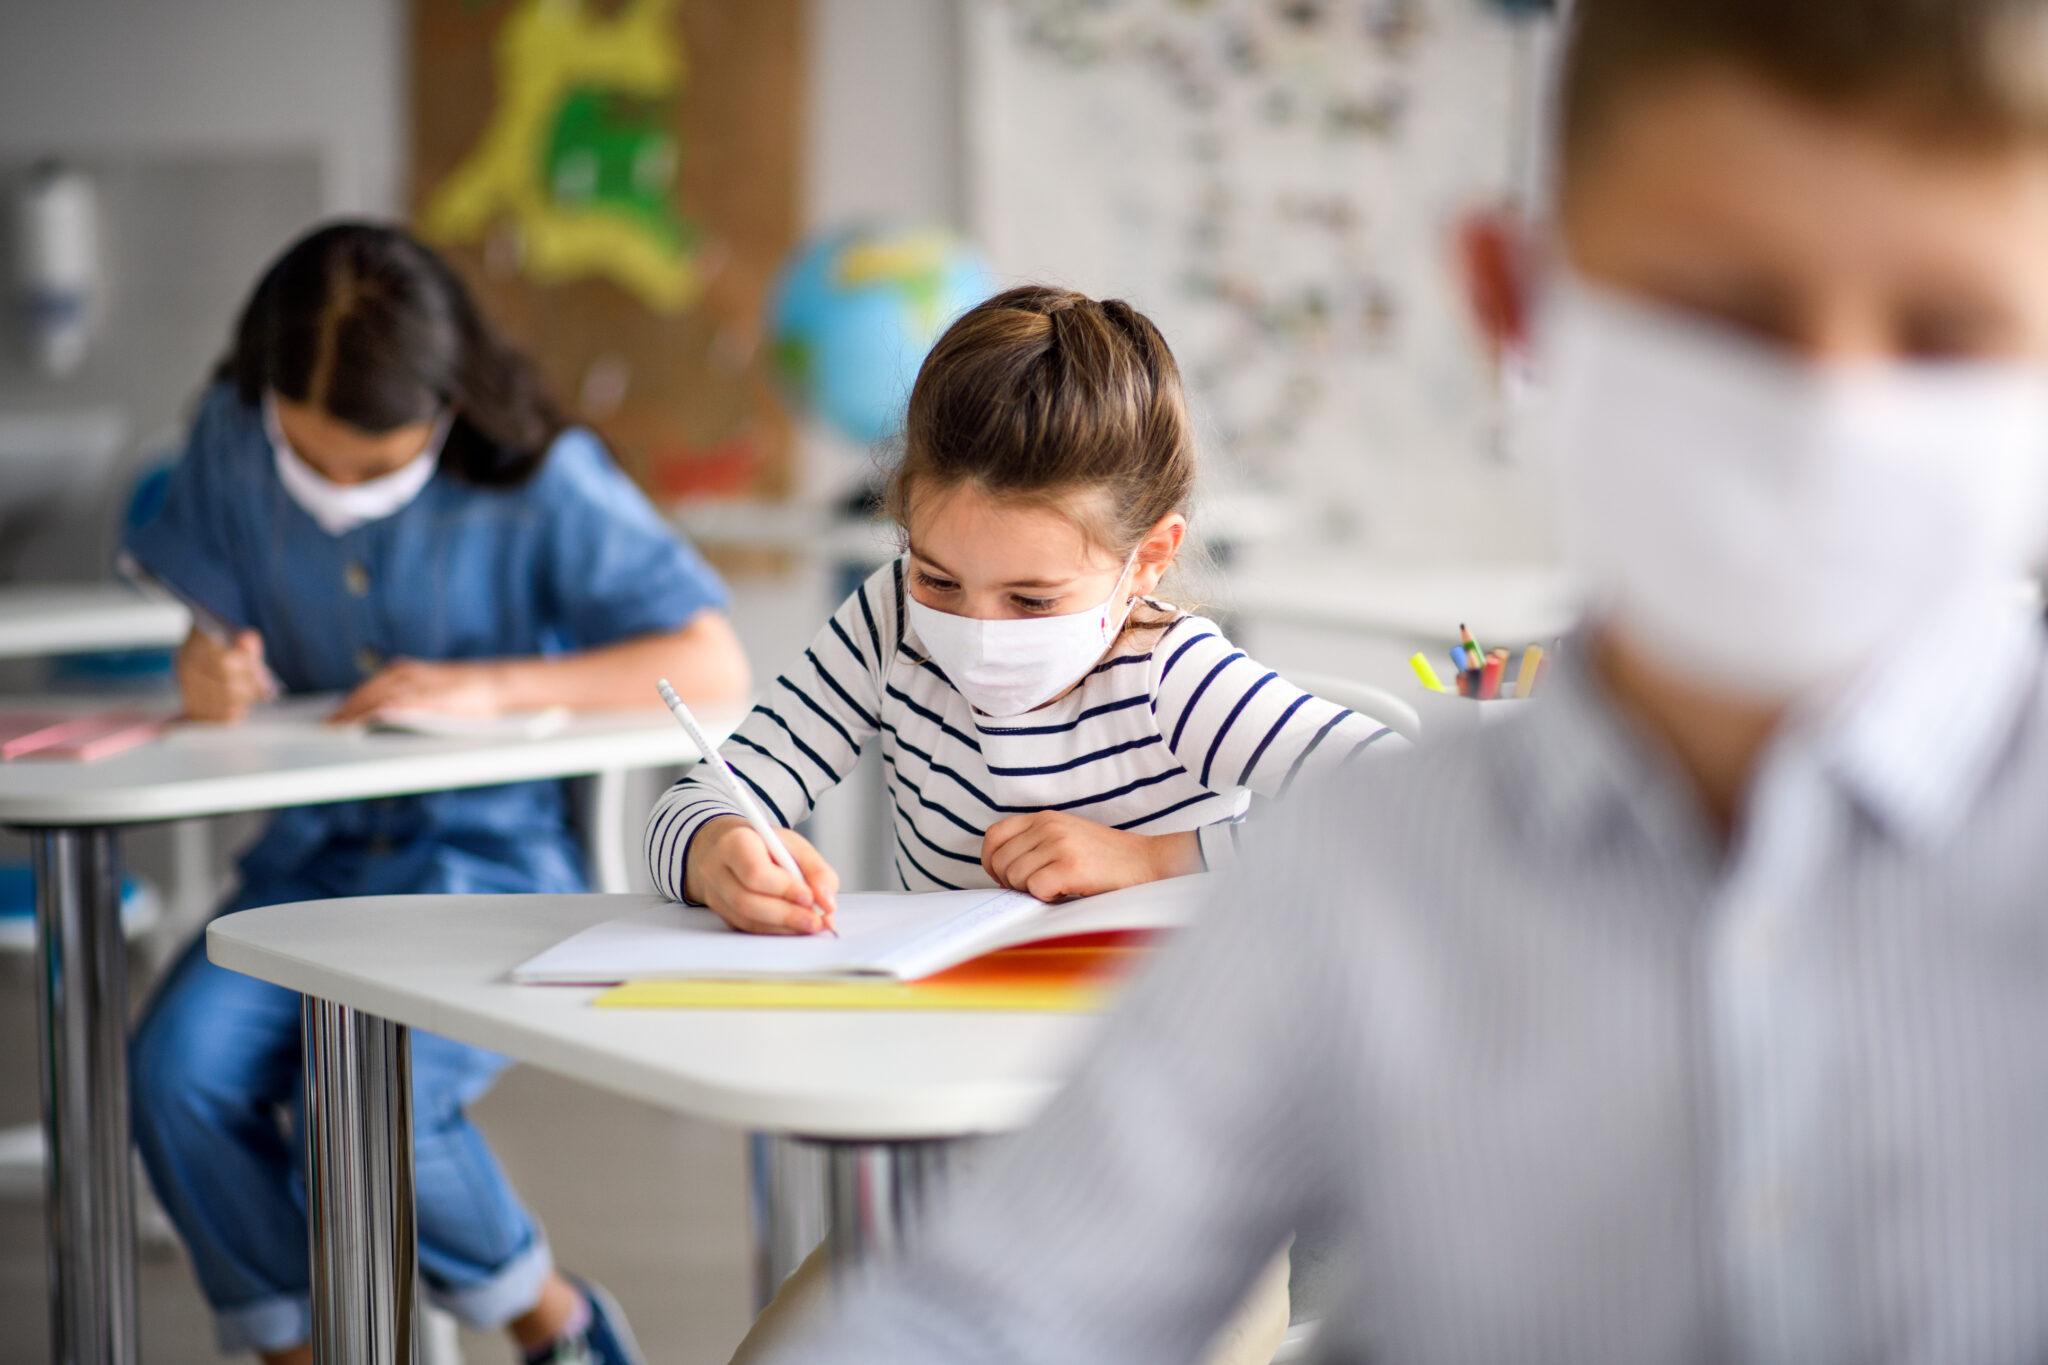 Schüler mit Maske im Klassenzimmer beim Schreiben